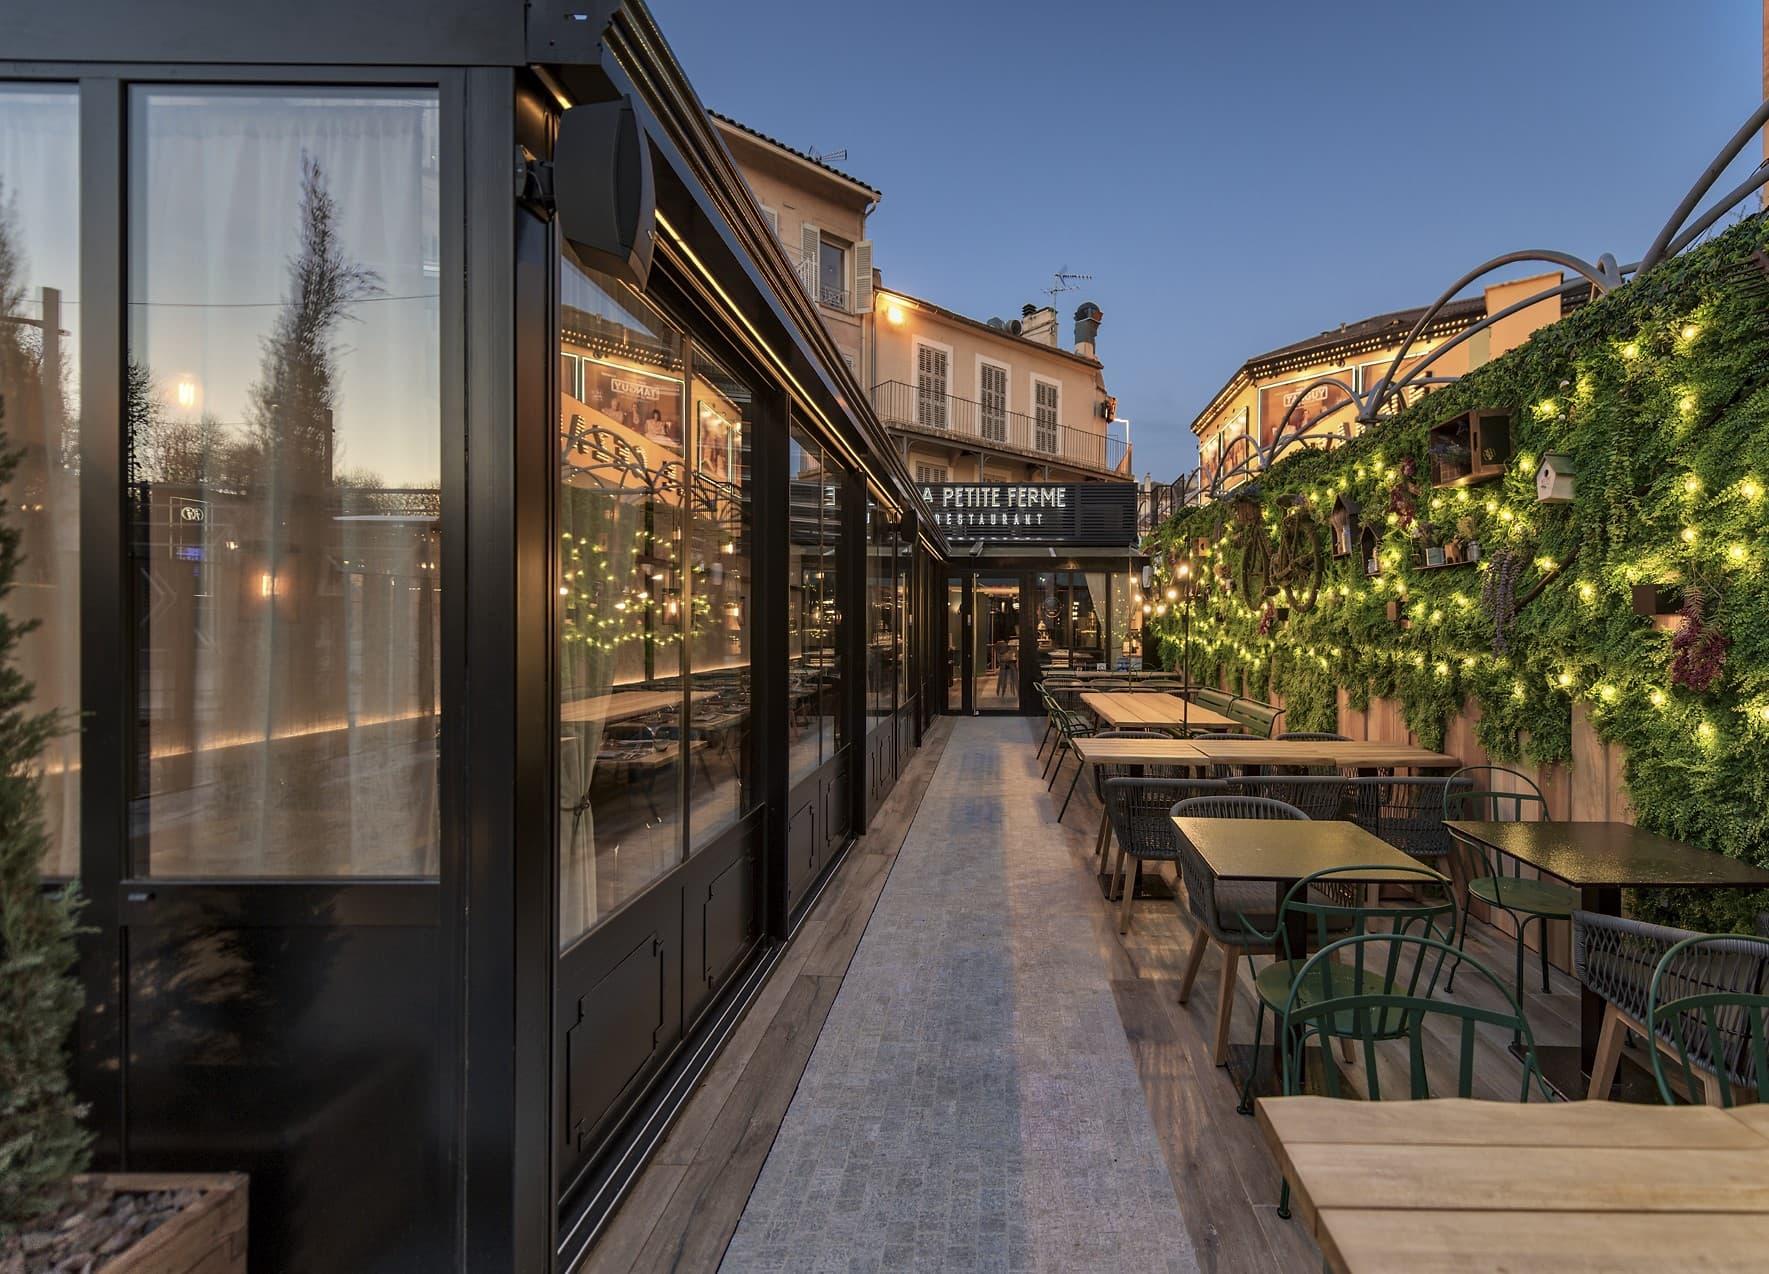 Eclairage extérieur de nuit du mur végétal et de la terrasse du restaurant la Petite Ferme